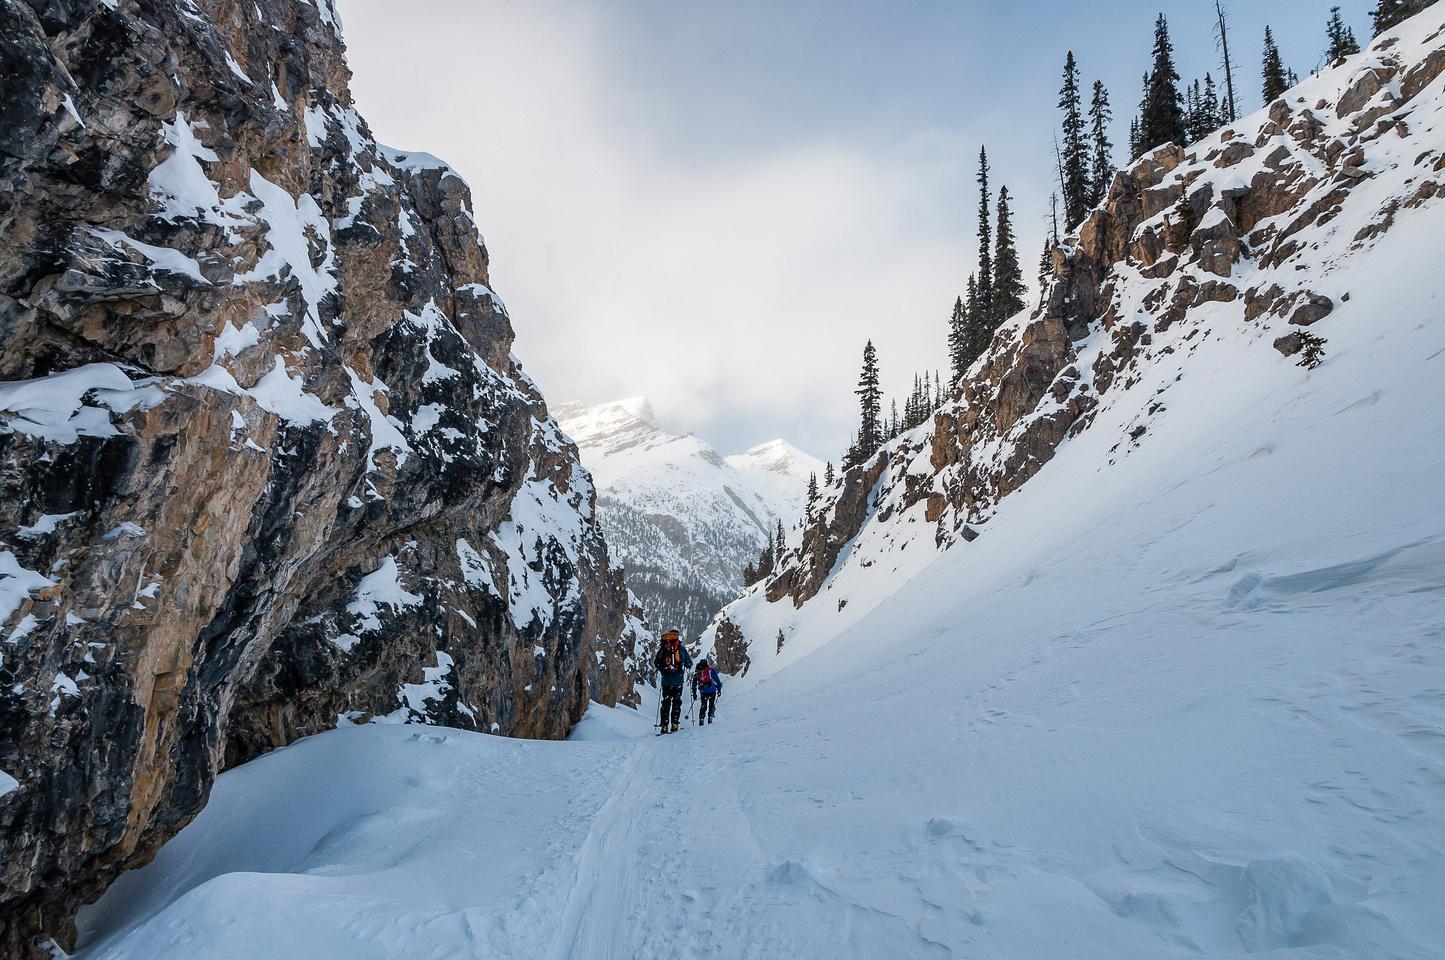 Descending the Bow Canyon towards Bow Lake.